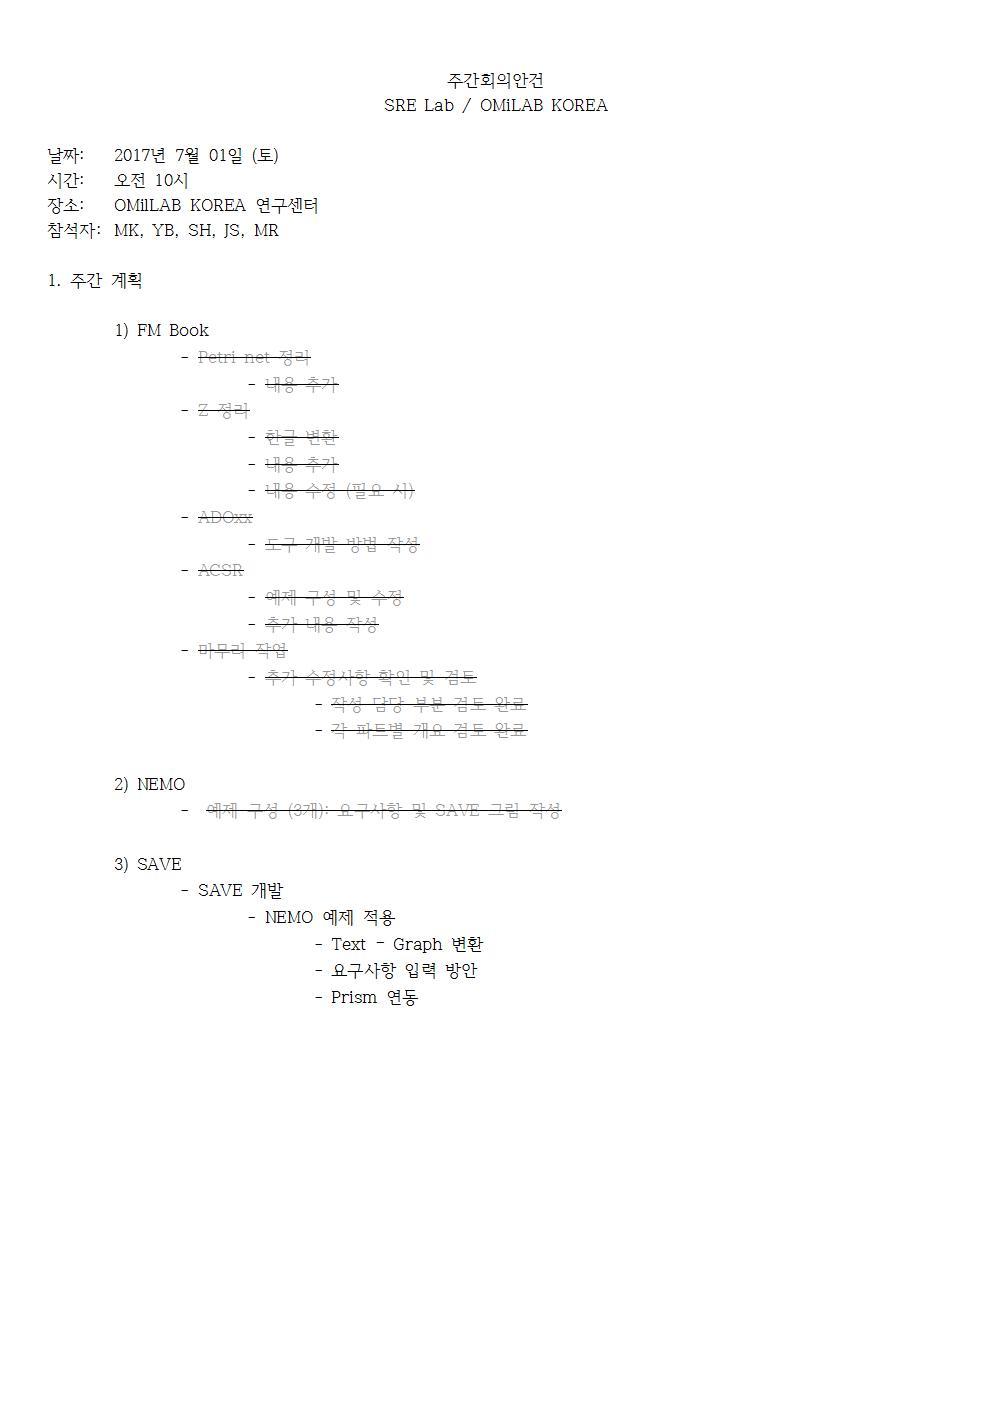 6-토-2017-07-00-PLAN(YB)001.jpg